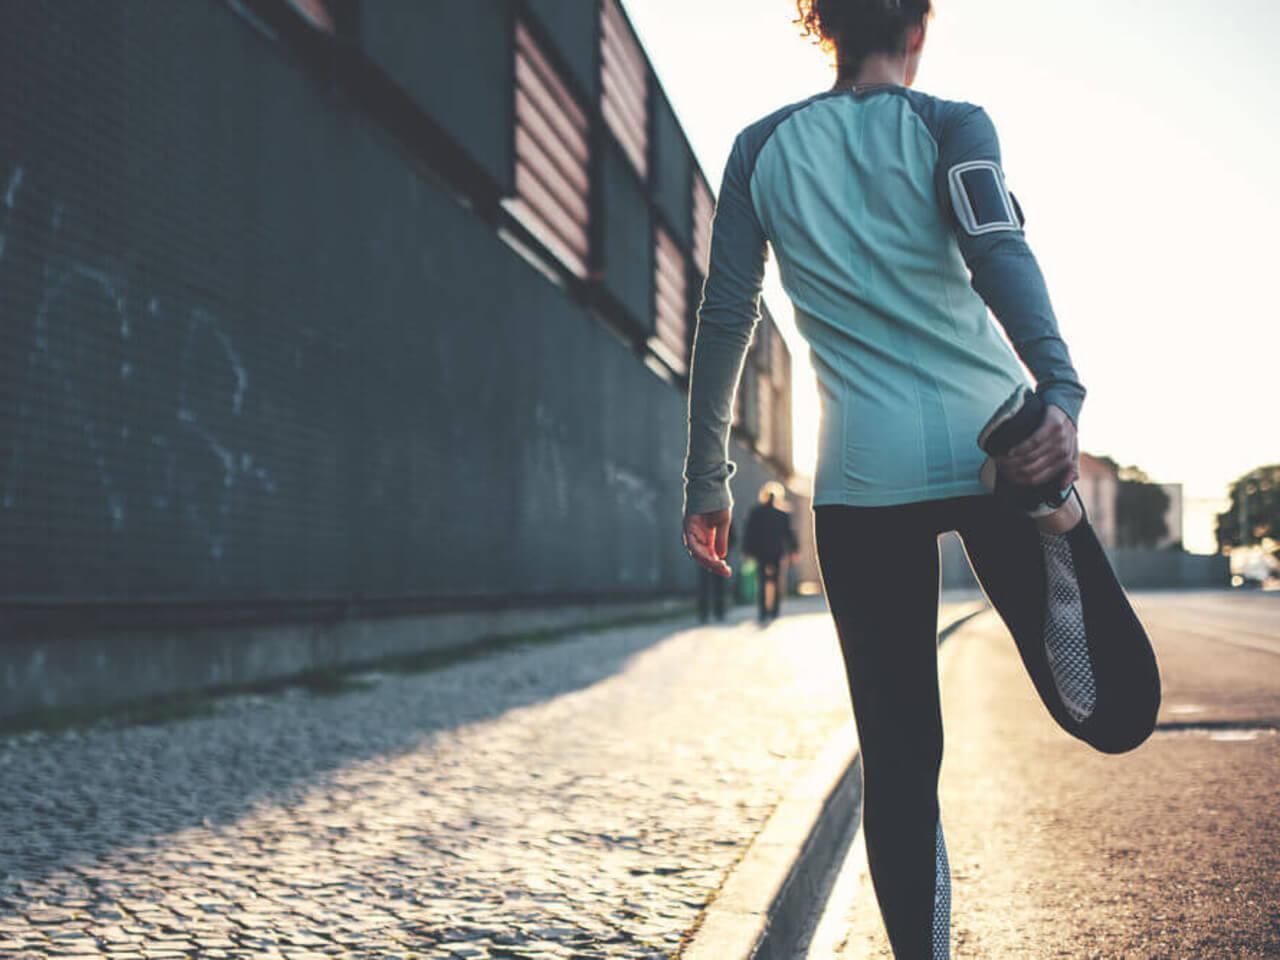 Běžecké základy: Rozcvičte se a protáhněte před tréninkem i po něm